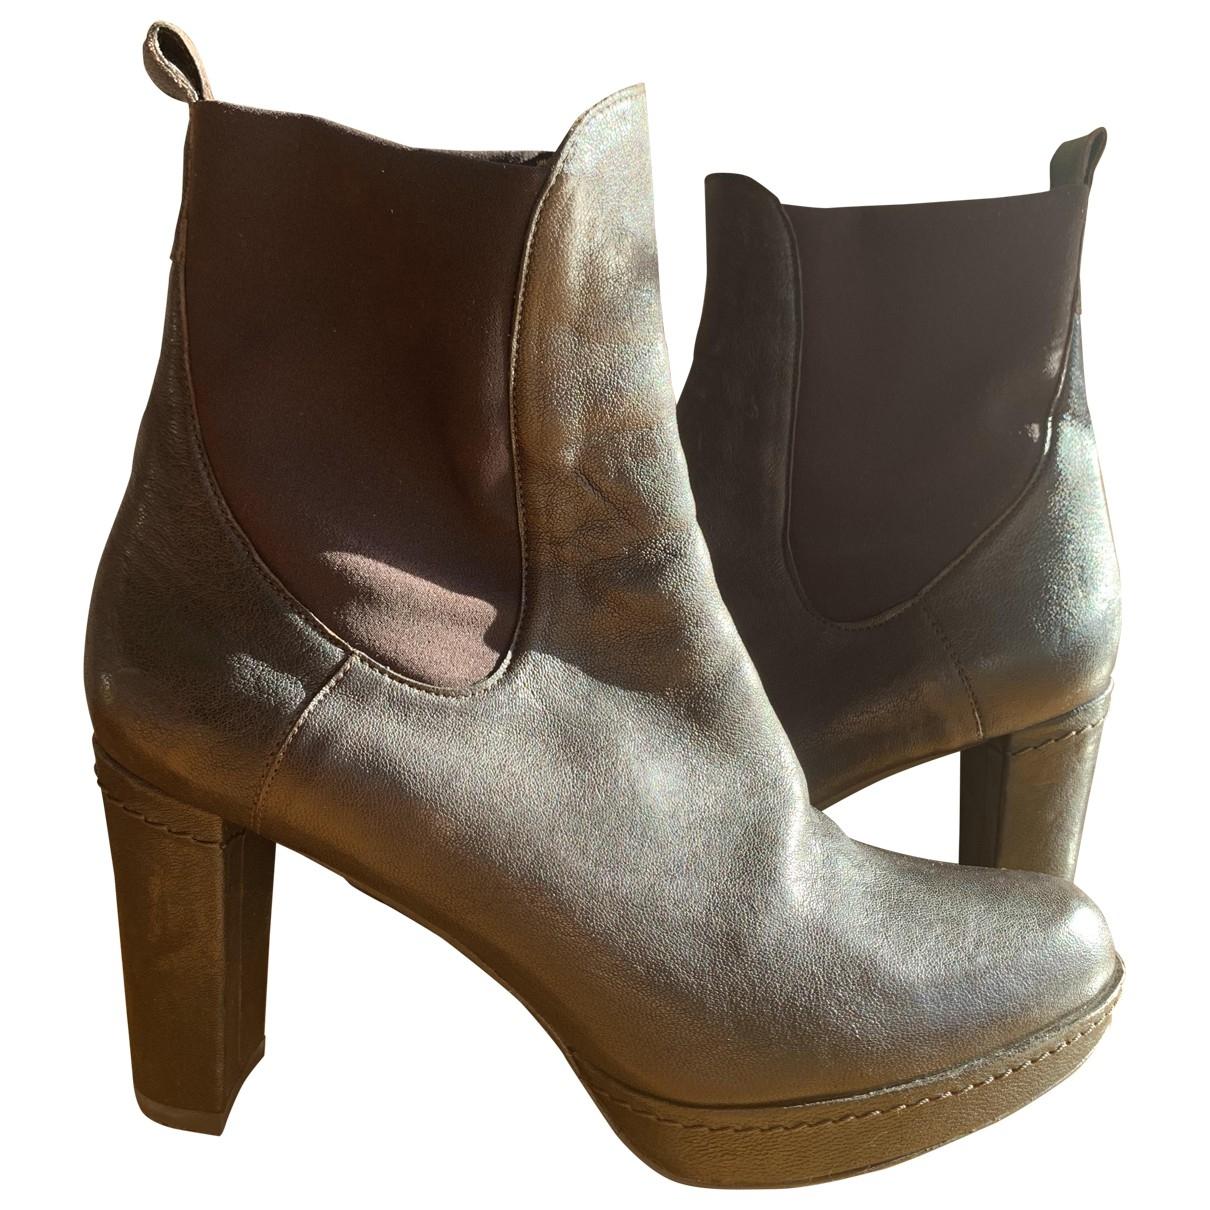 Stuart Weitzman - Boots   pour femme en cuir - marron